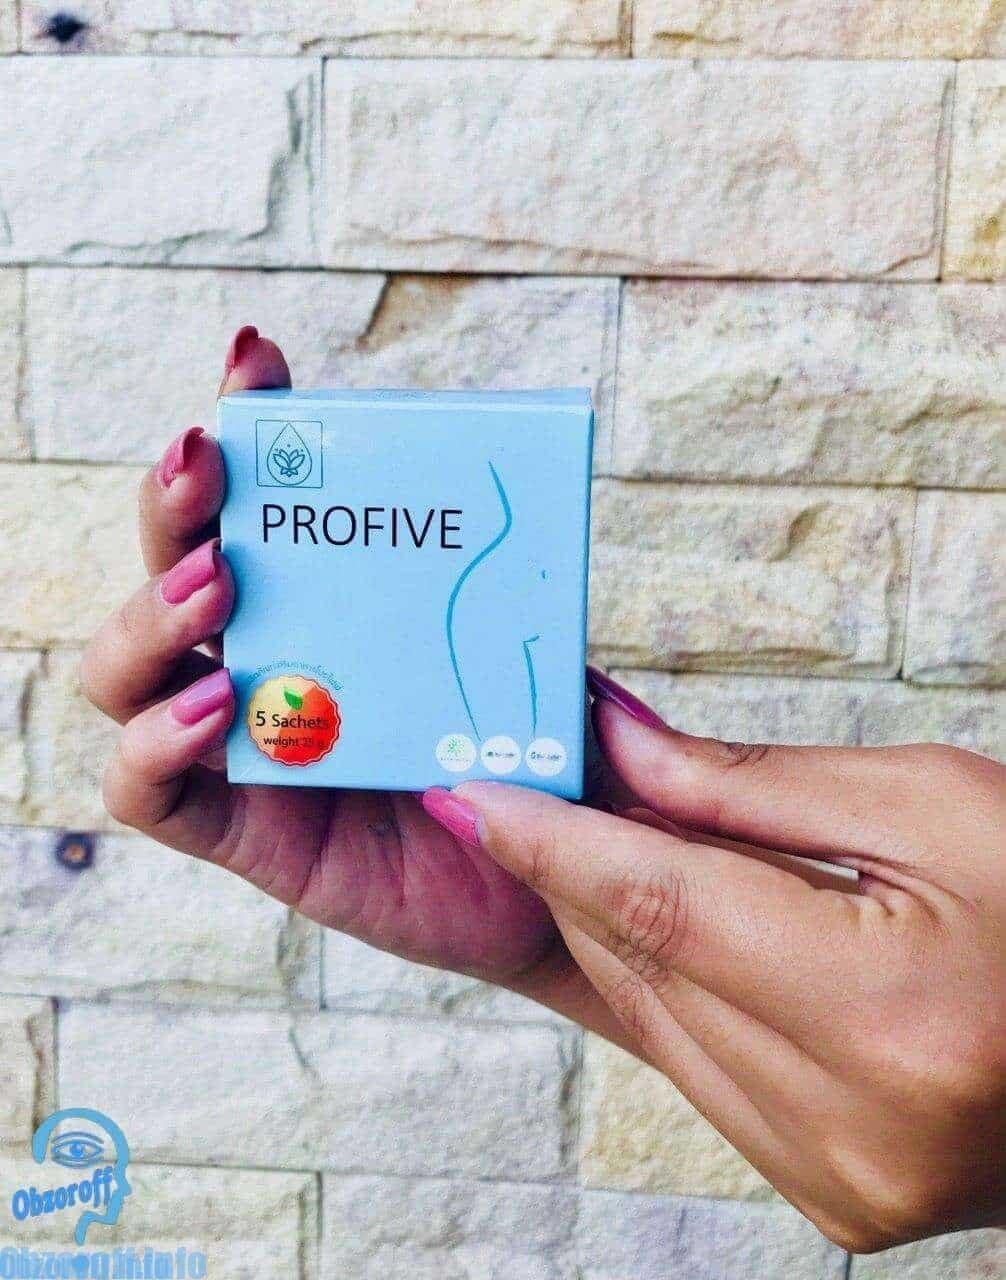 ผลิตภัณฑ์ลดน้ำหนักและไขมันส่วนเกิน Profive